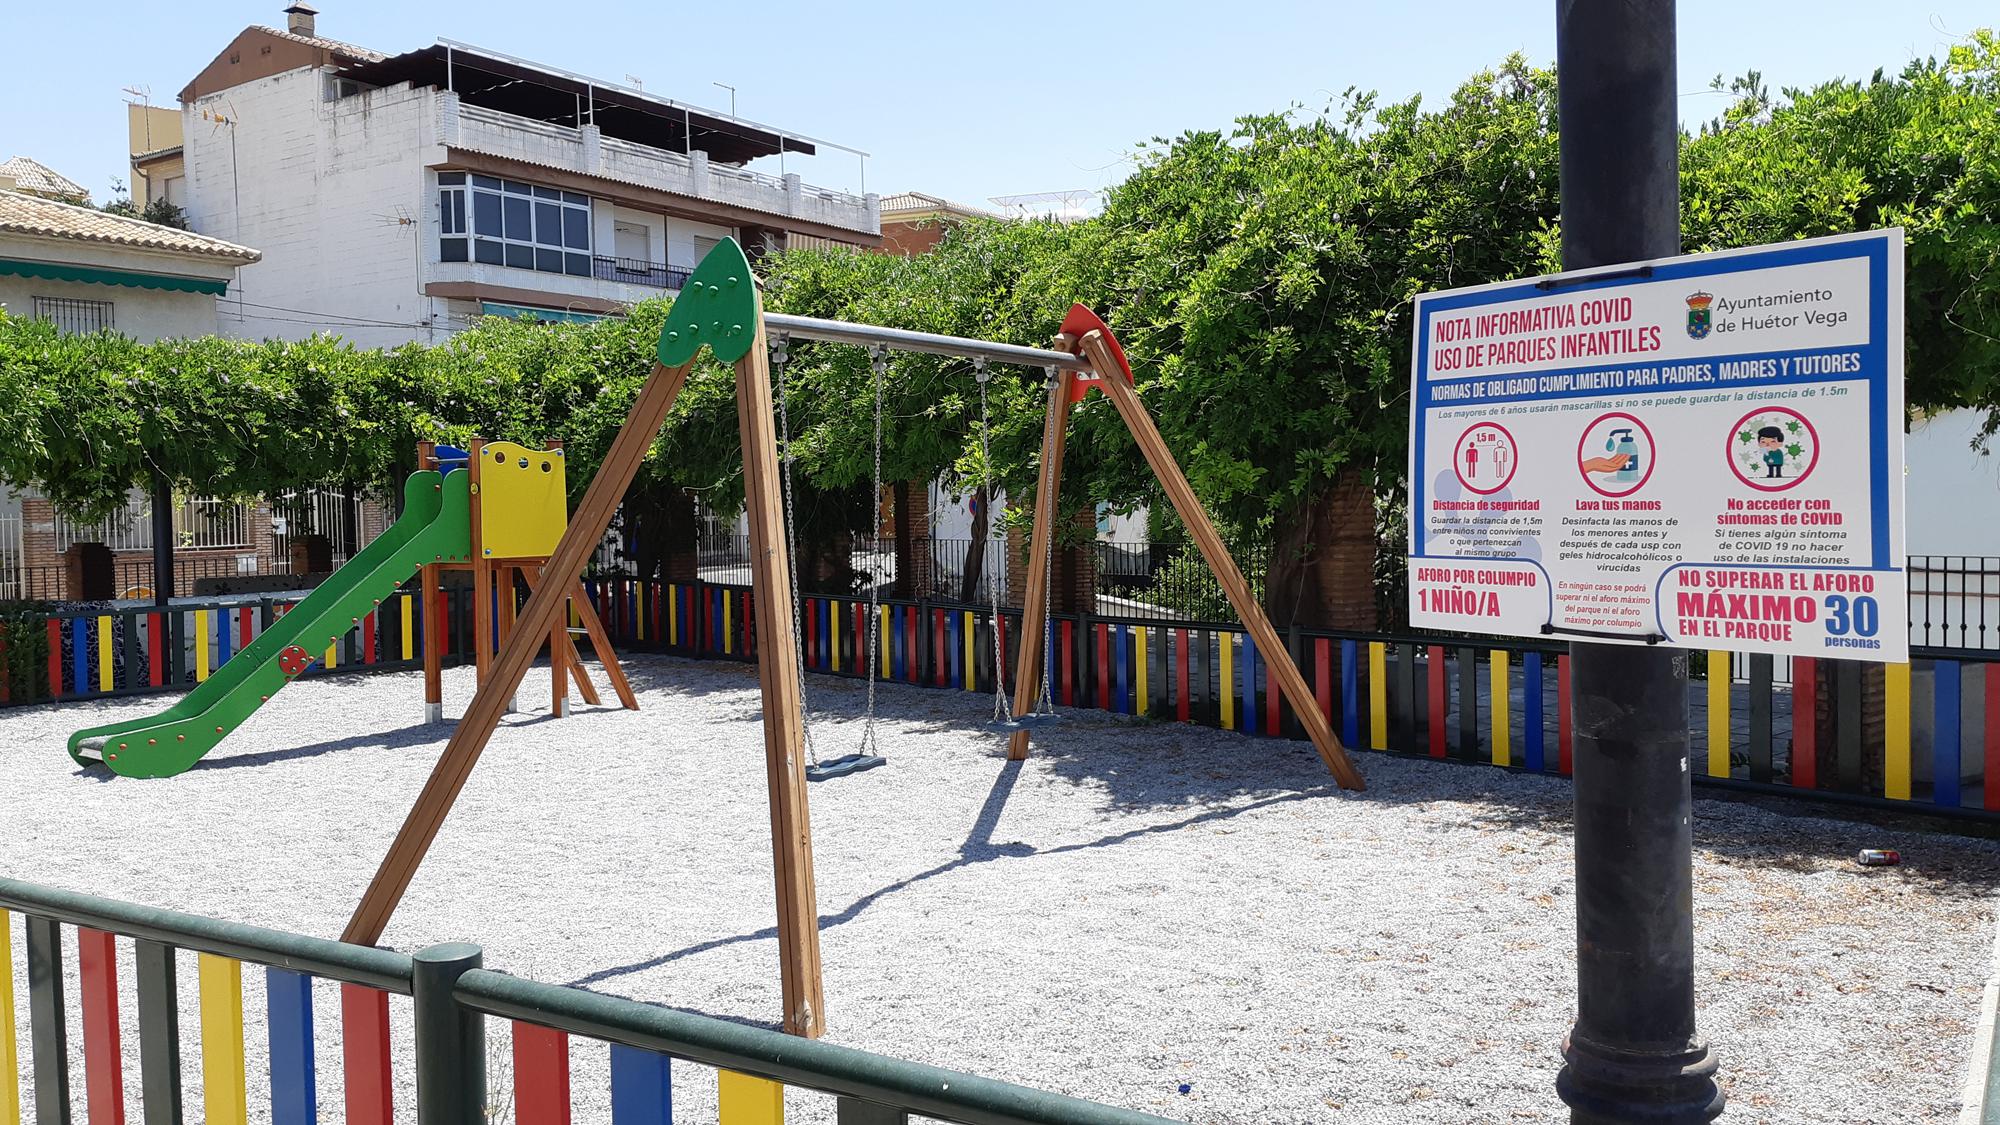 Huétor Vega reabre al público los parques infantiles con limitación de aforo y desinfección diaria